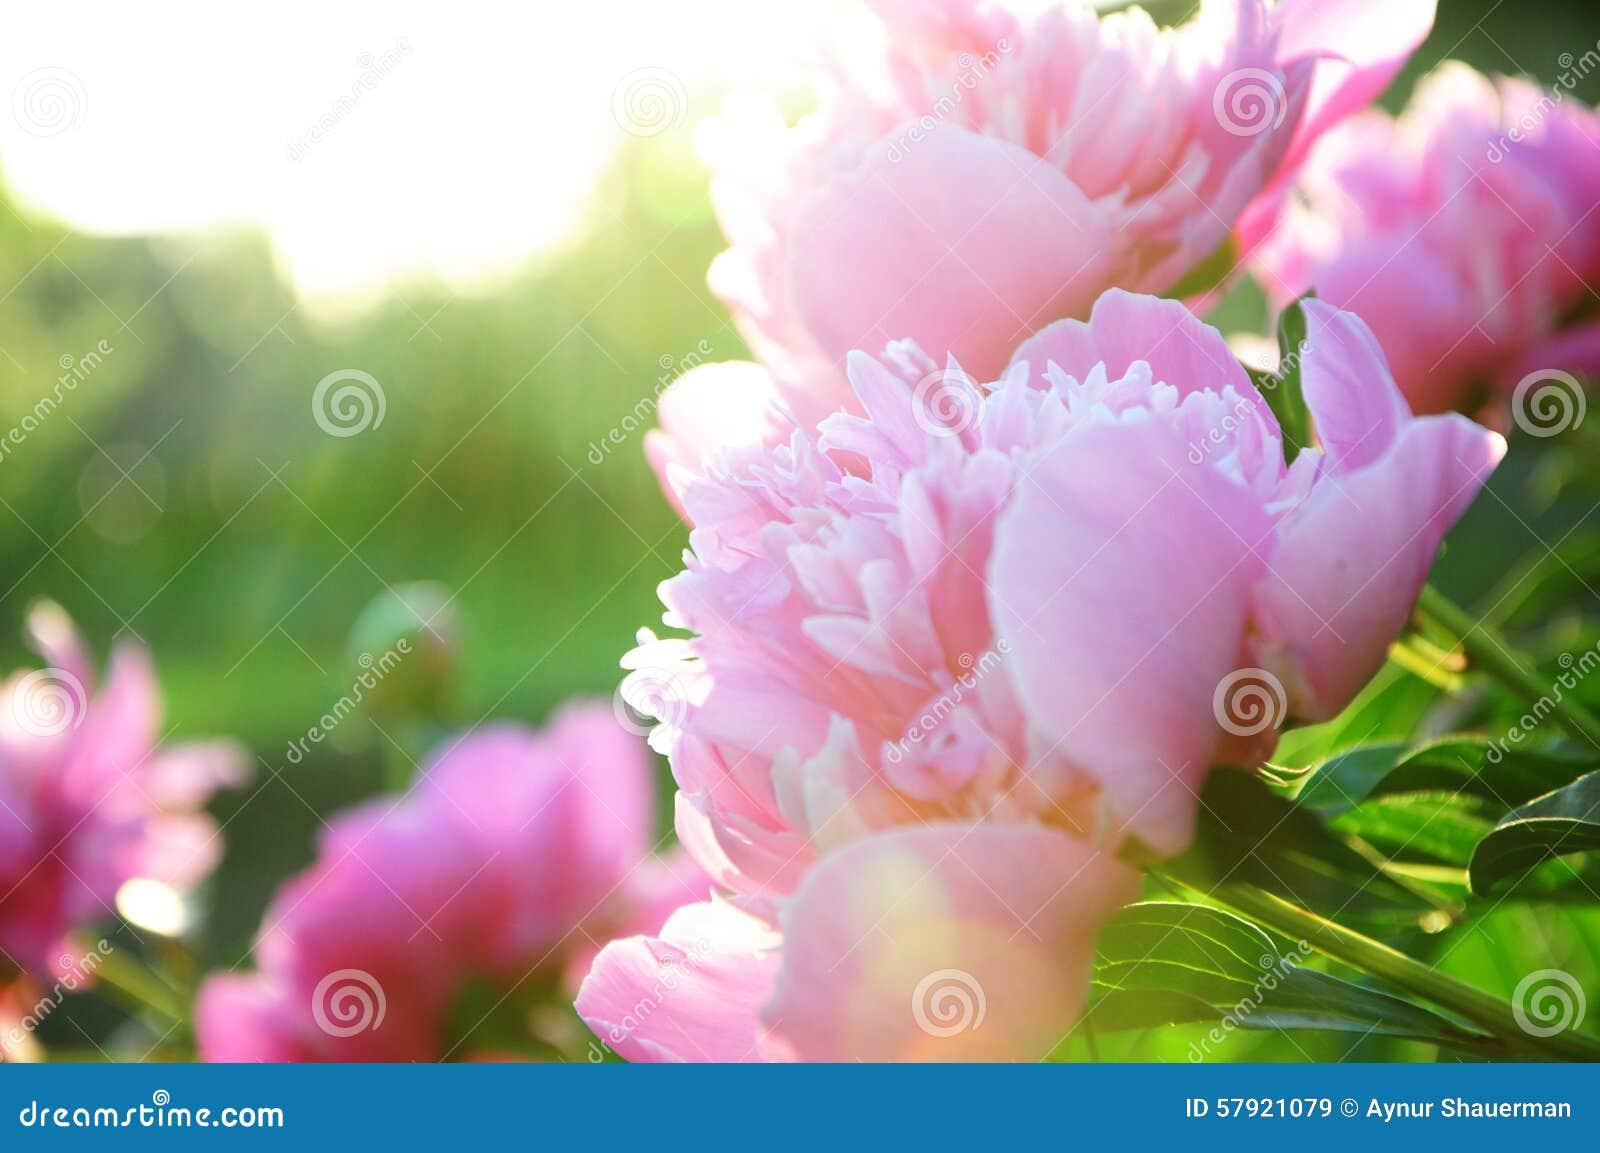 Fleur de pivoine fleurissant dans des rayons du soleil image stock image 57921079 - Fleur du soleil ...